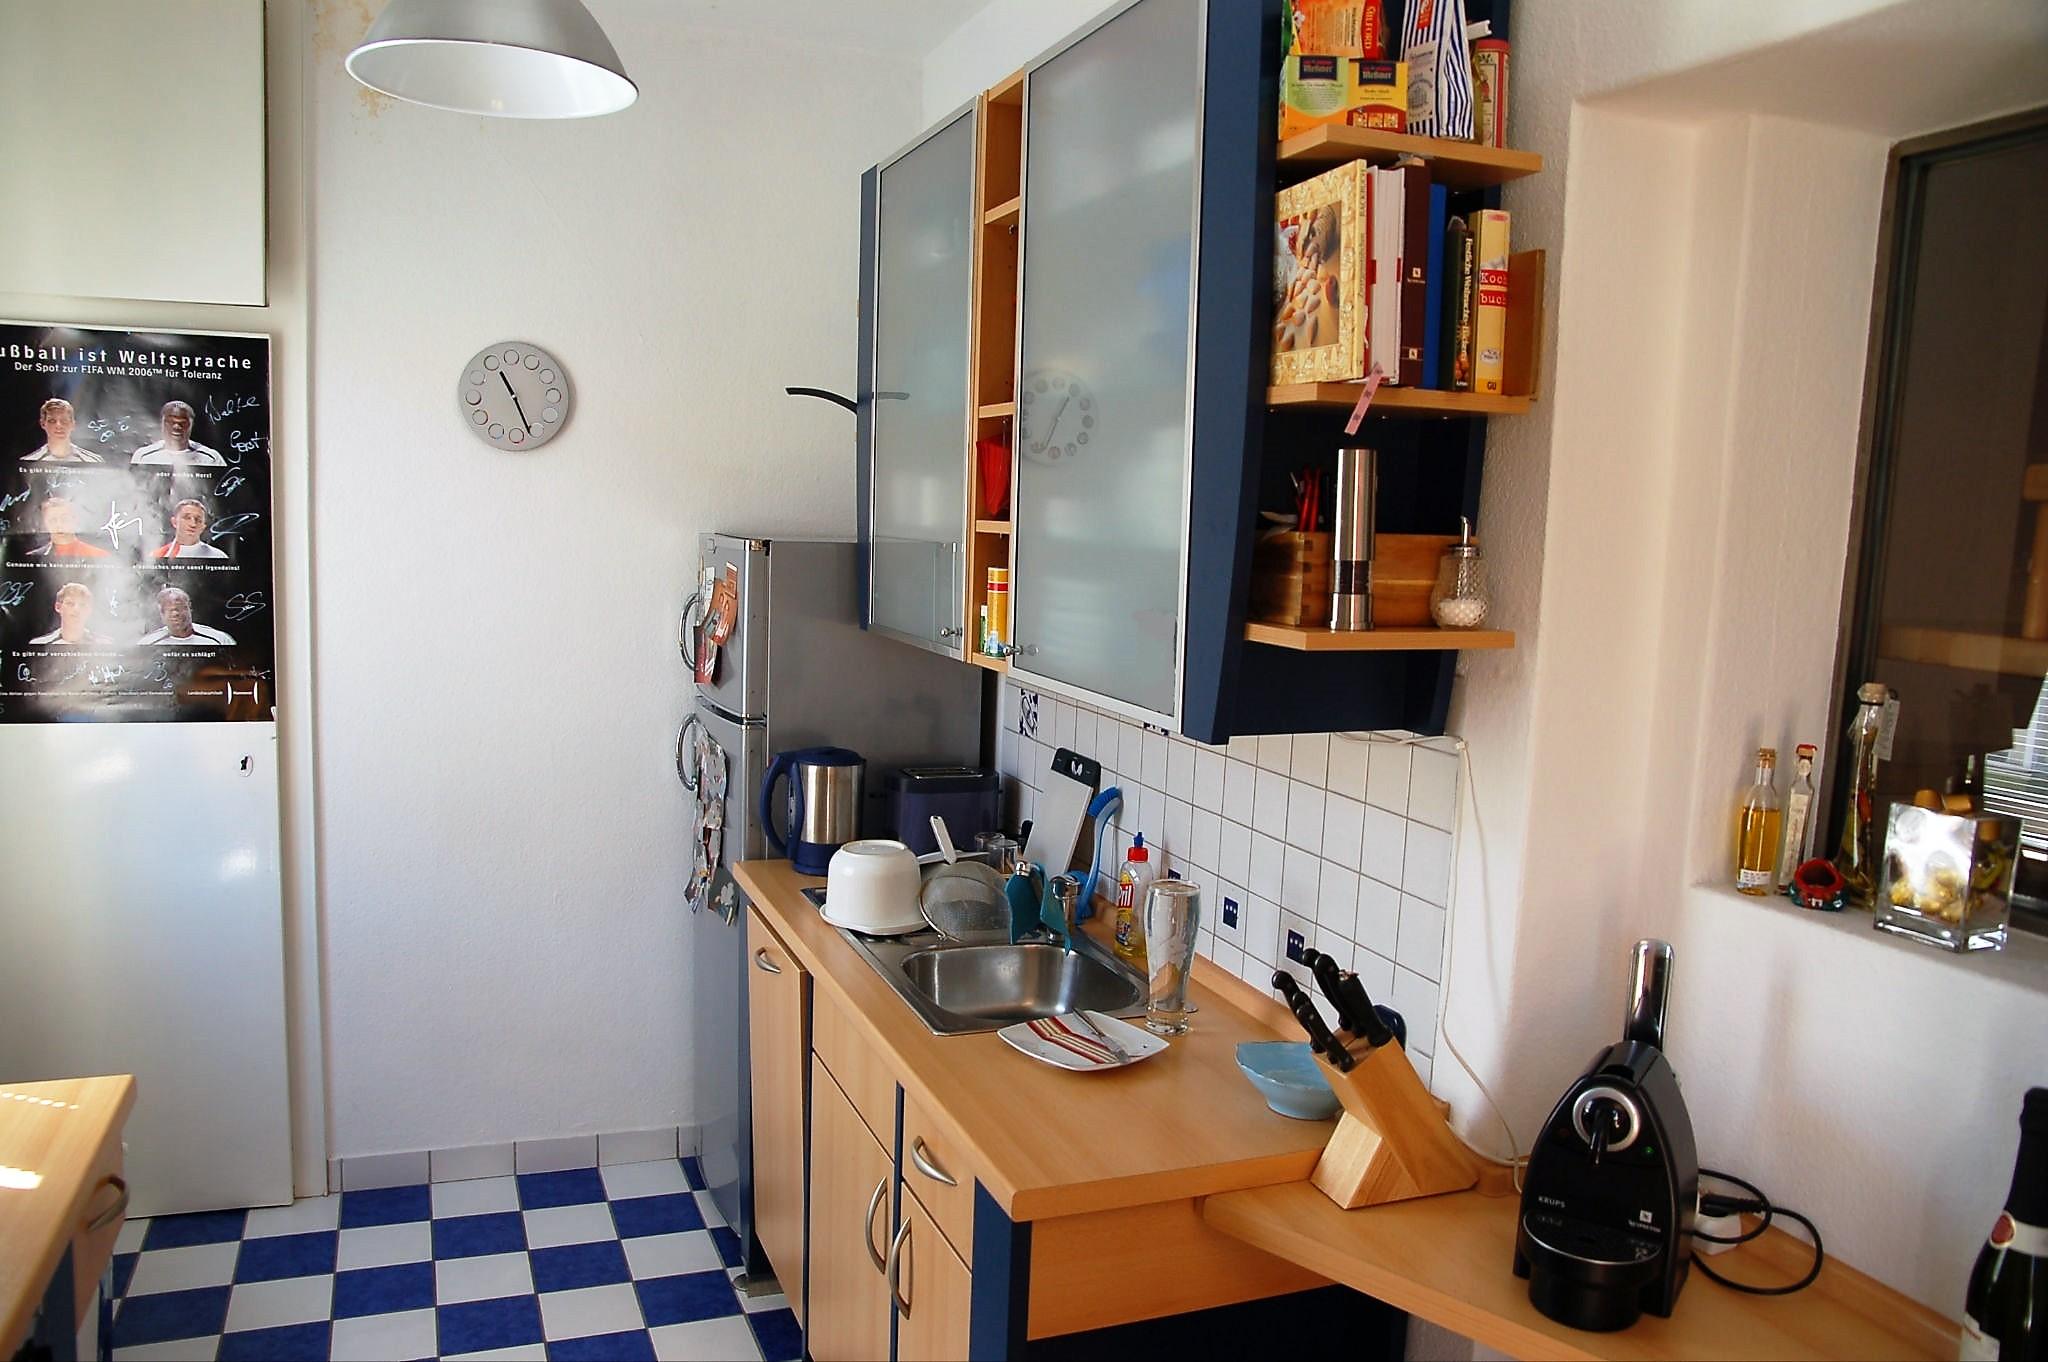 franklinstr 3 30177 hannover. Black Bedroom Furniture Sets. Home Design Ideas